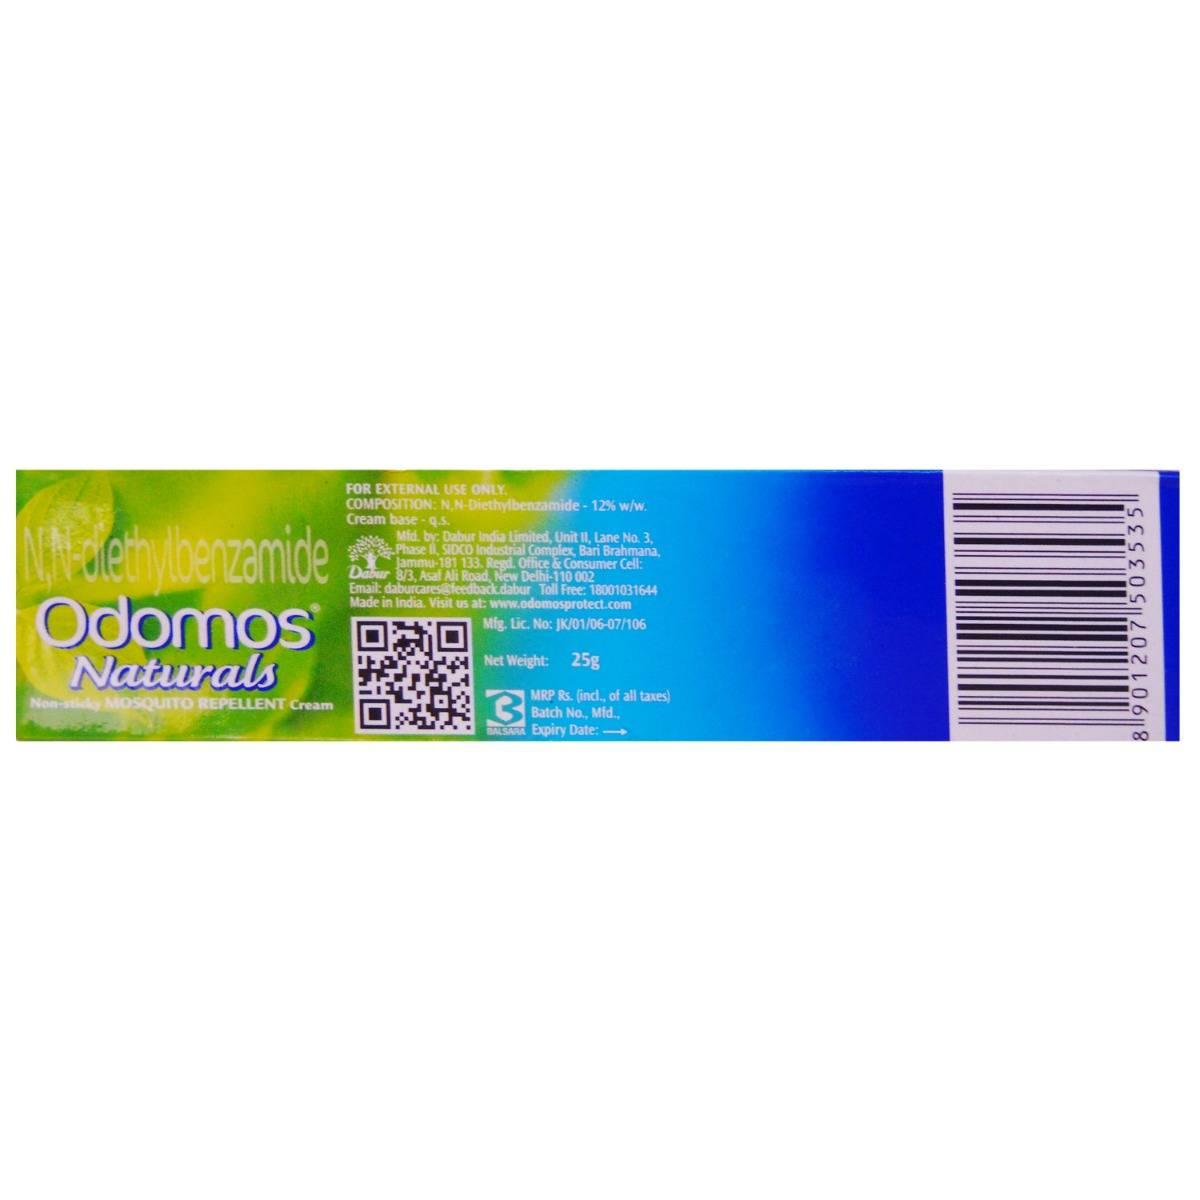 Odomos Naturals Mosquito Repellent Cream, 25 gm , Pack of 1